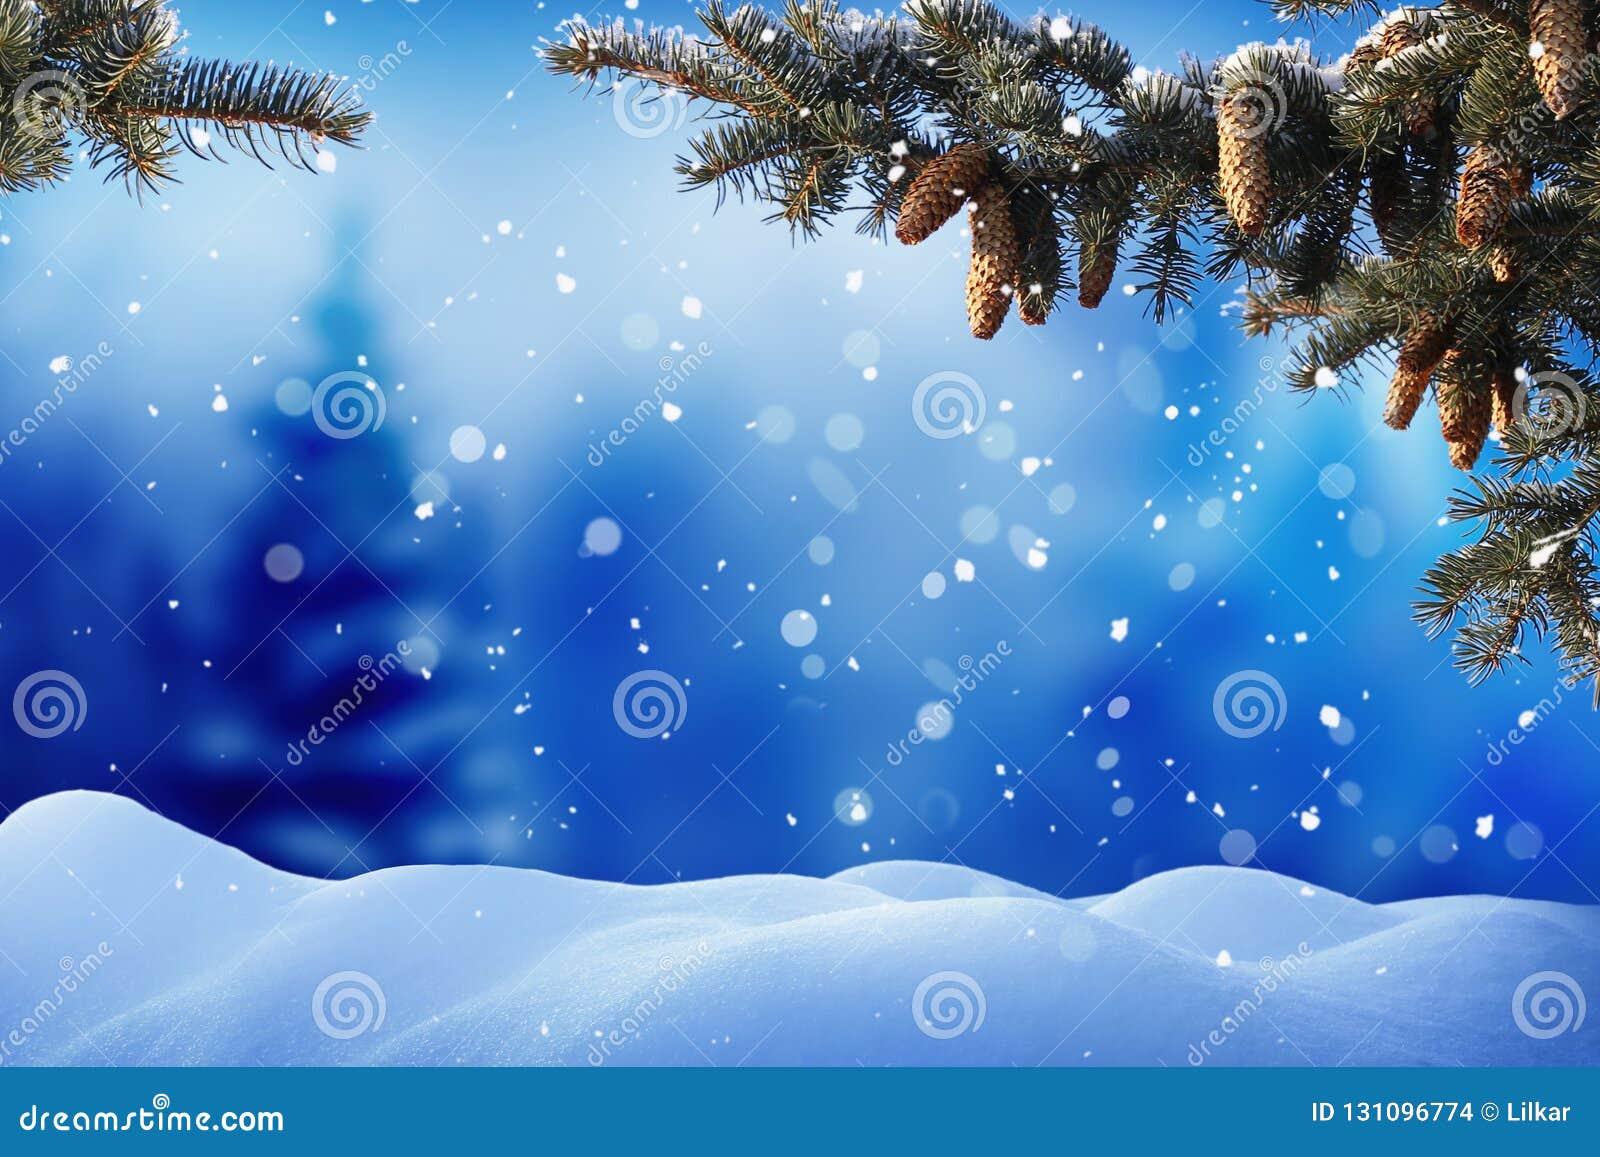 Immagini Natale Neve.Paesaggio Di Inverno Con Neve Priorita Bassa Di Natale Con L